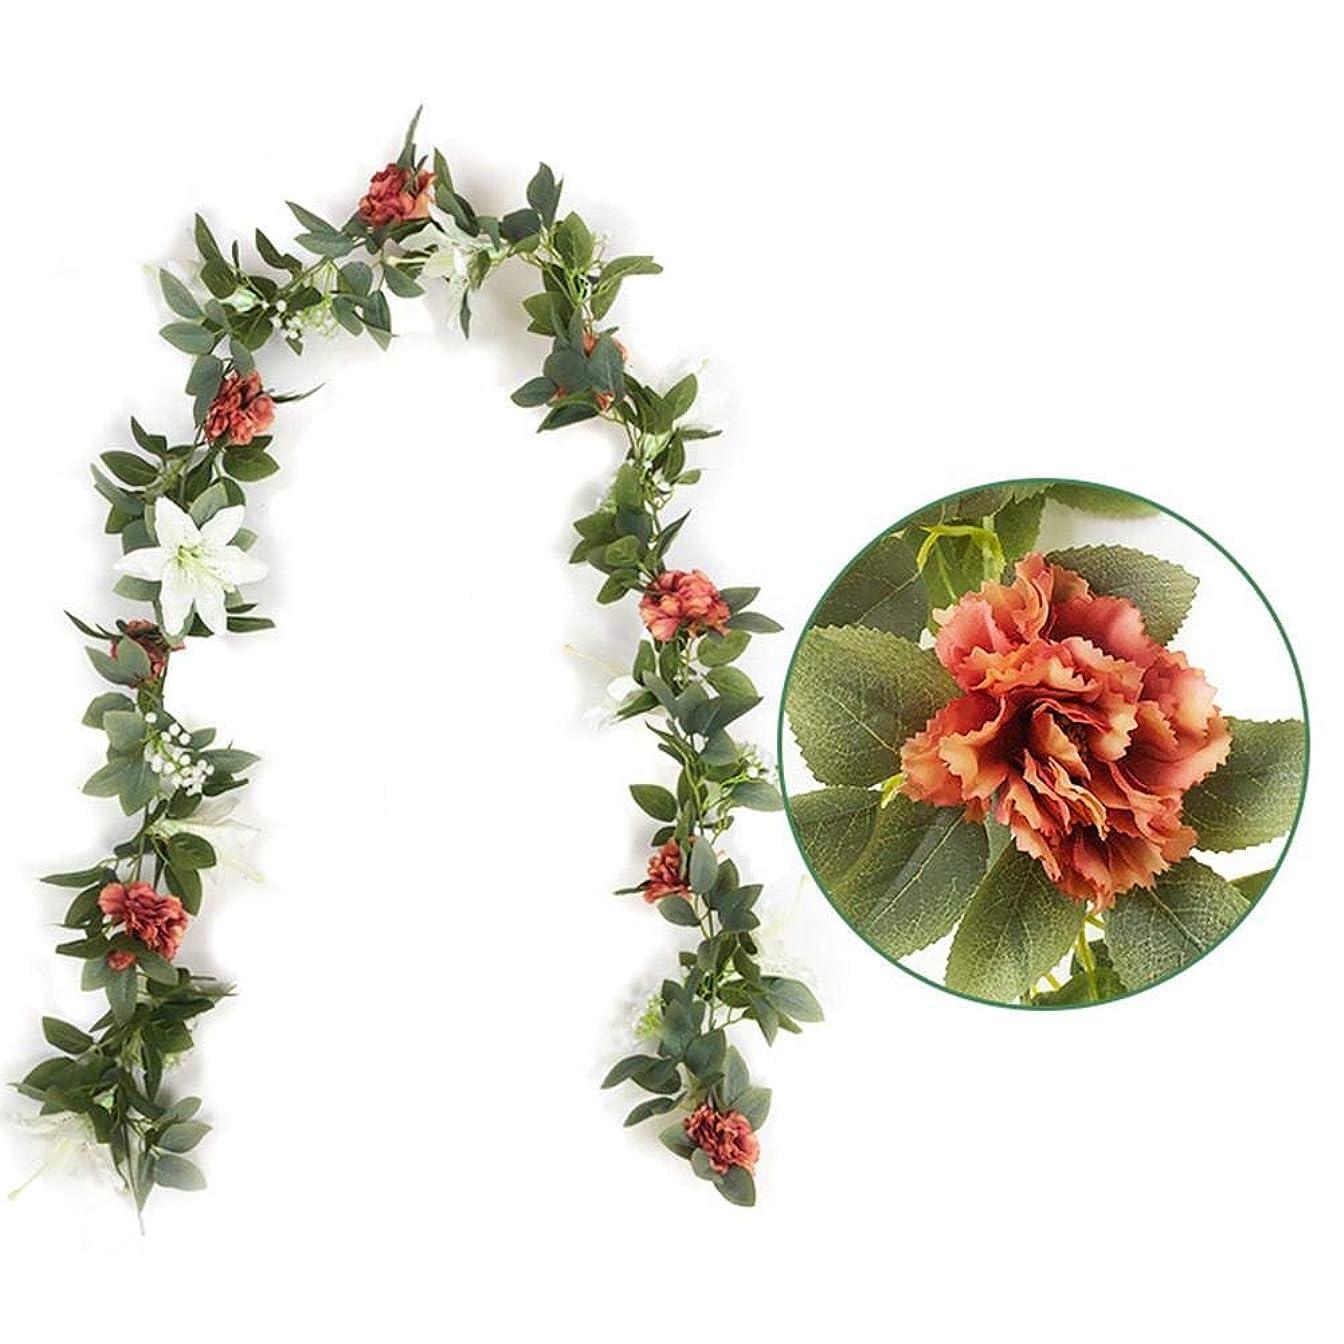 派手外部エスニック人工ユーカリガーランド、カーネーション付きのユーカリのつる、リリー、赤ちゃんの呼吸ウェディングパーティーの家の装飾用の人工植物